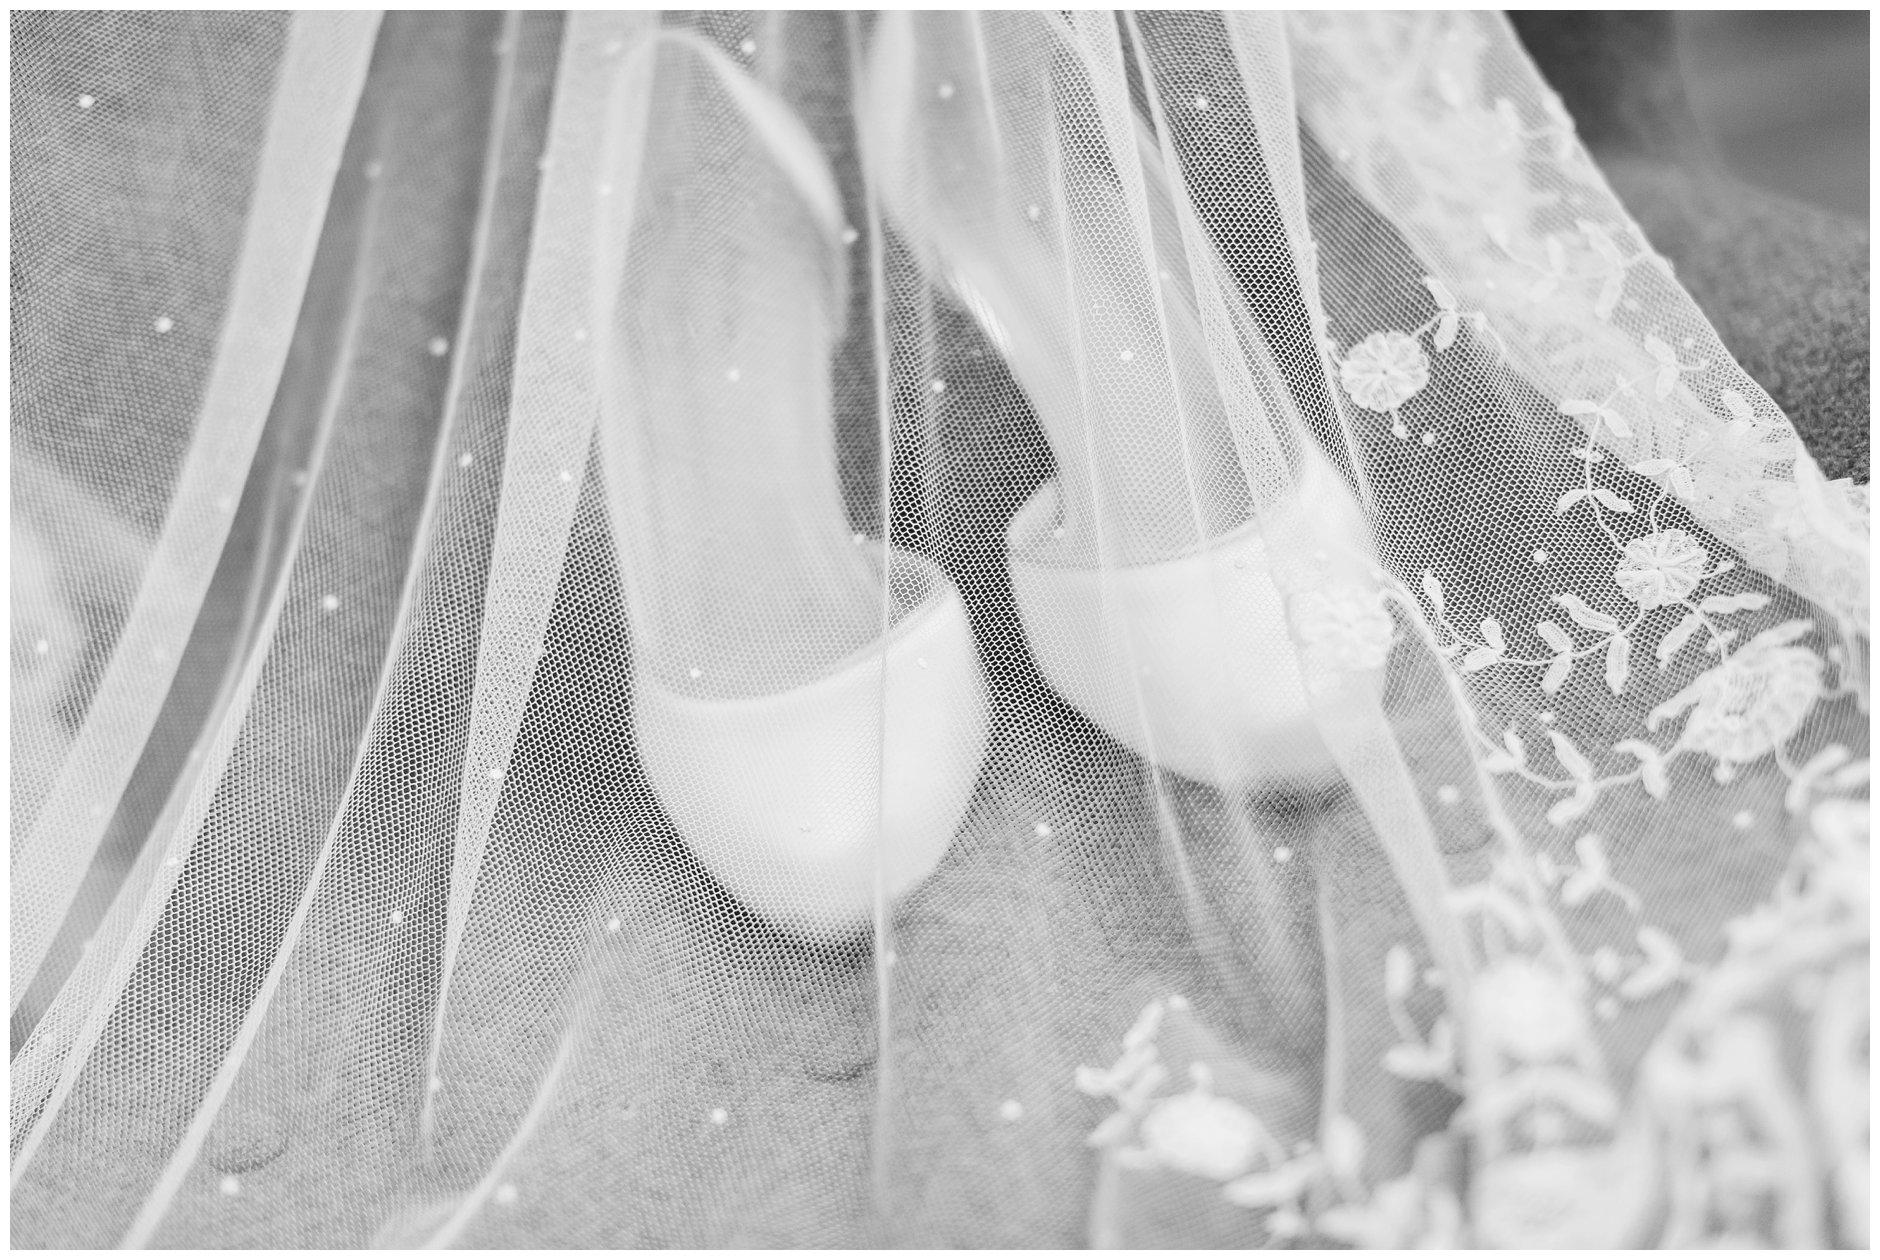 brudens-detaljer-arvet-slør-og-sko